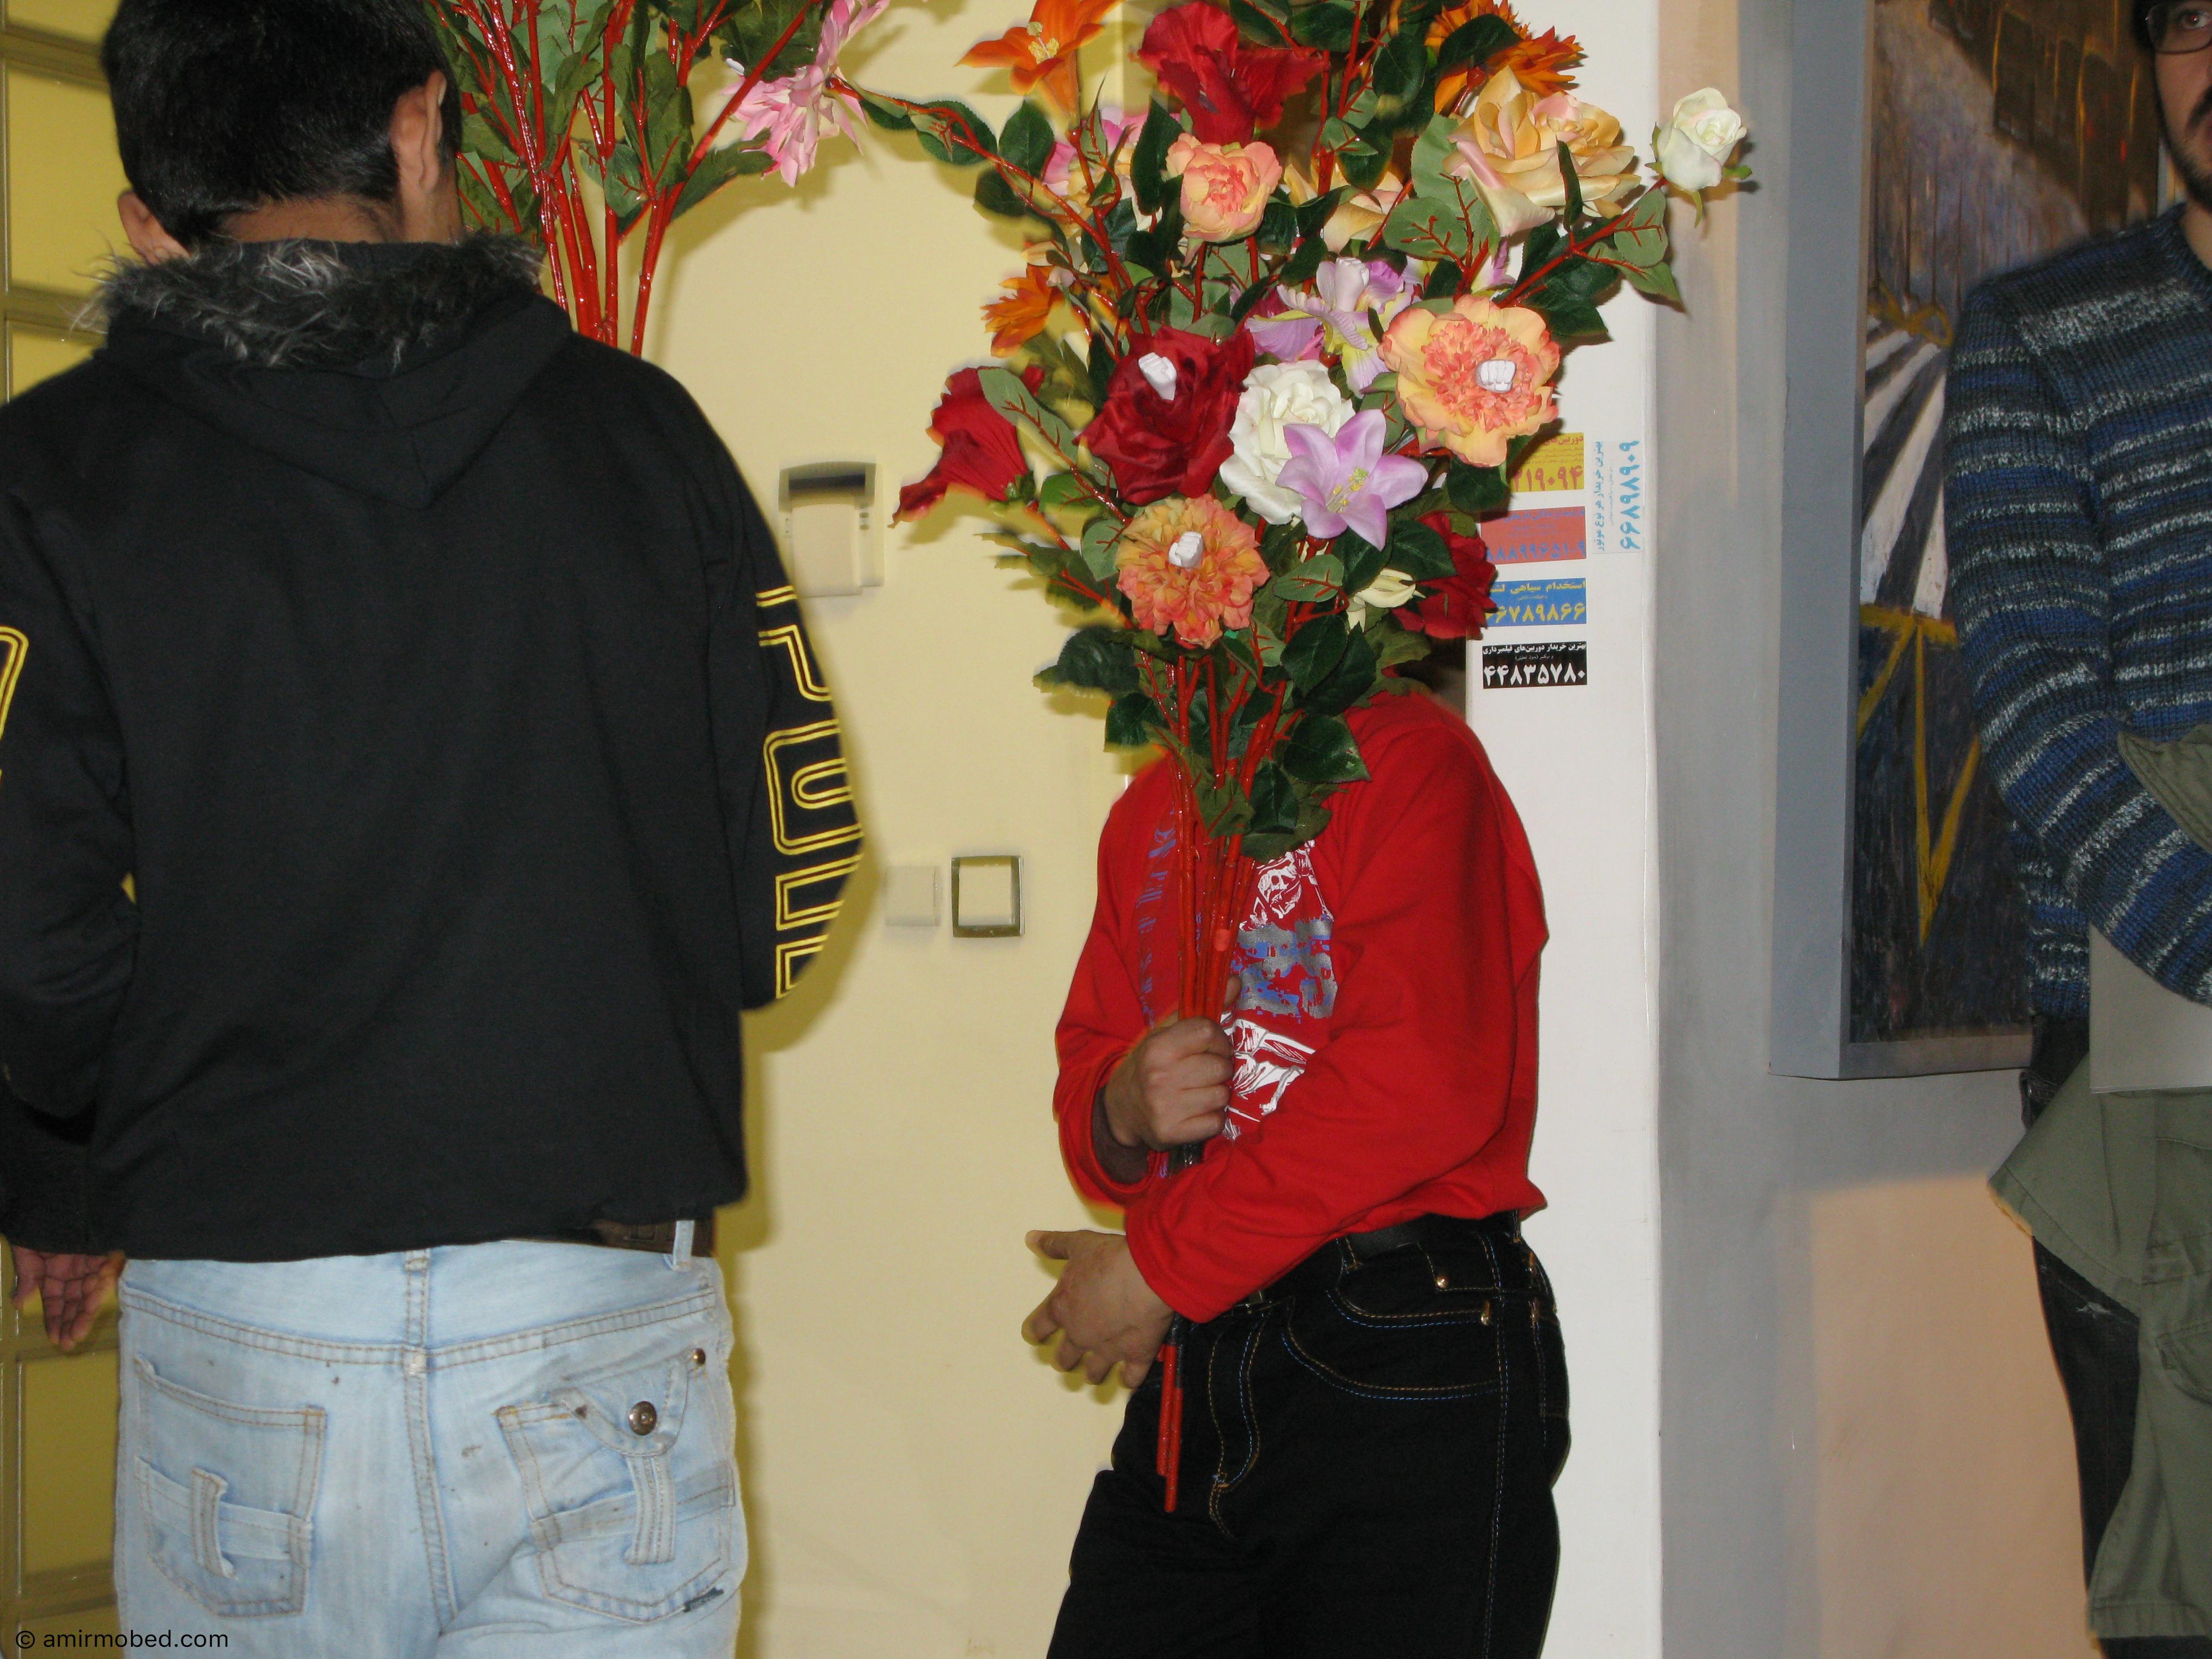 گل های سرزمینم، ۱۳۸۹، اجرا، گل مصنوعی، رنگ فوری، رزین